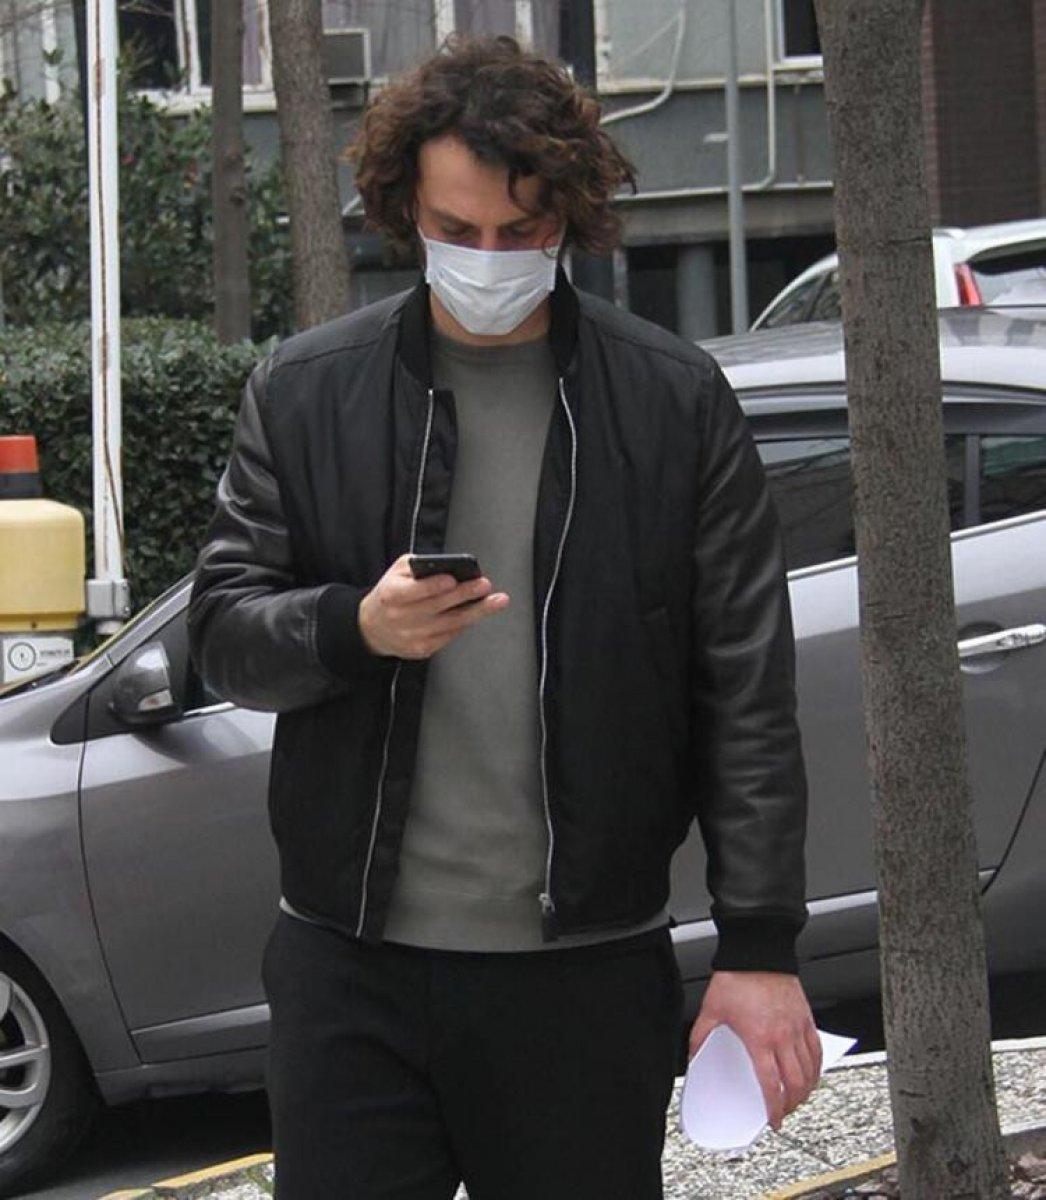 Birkan Sokullu hastane çıkışı sağlık durumu hakkında bilgi verdi